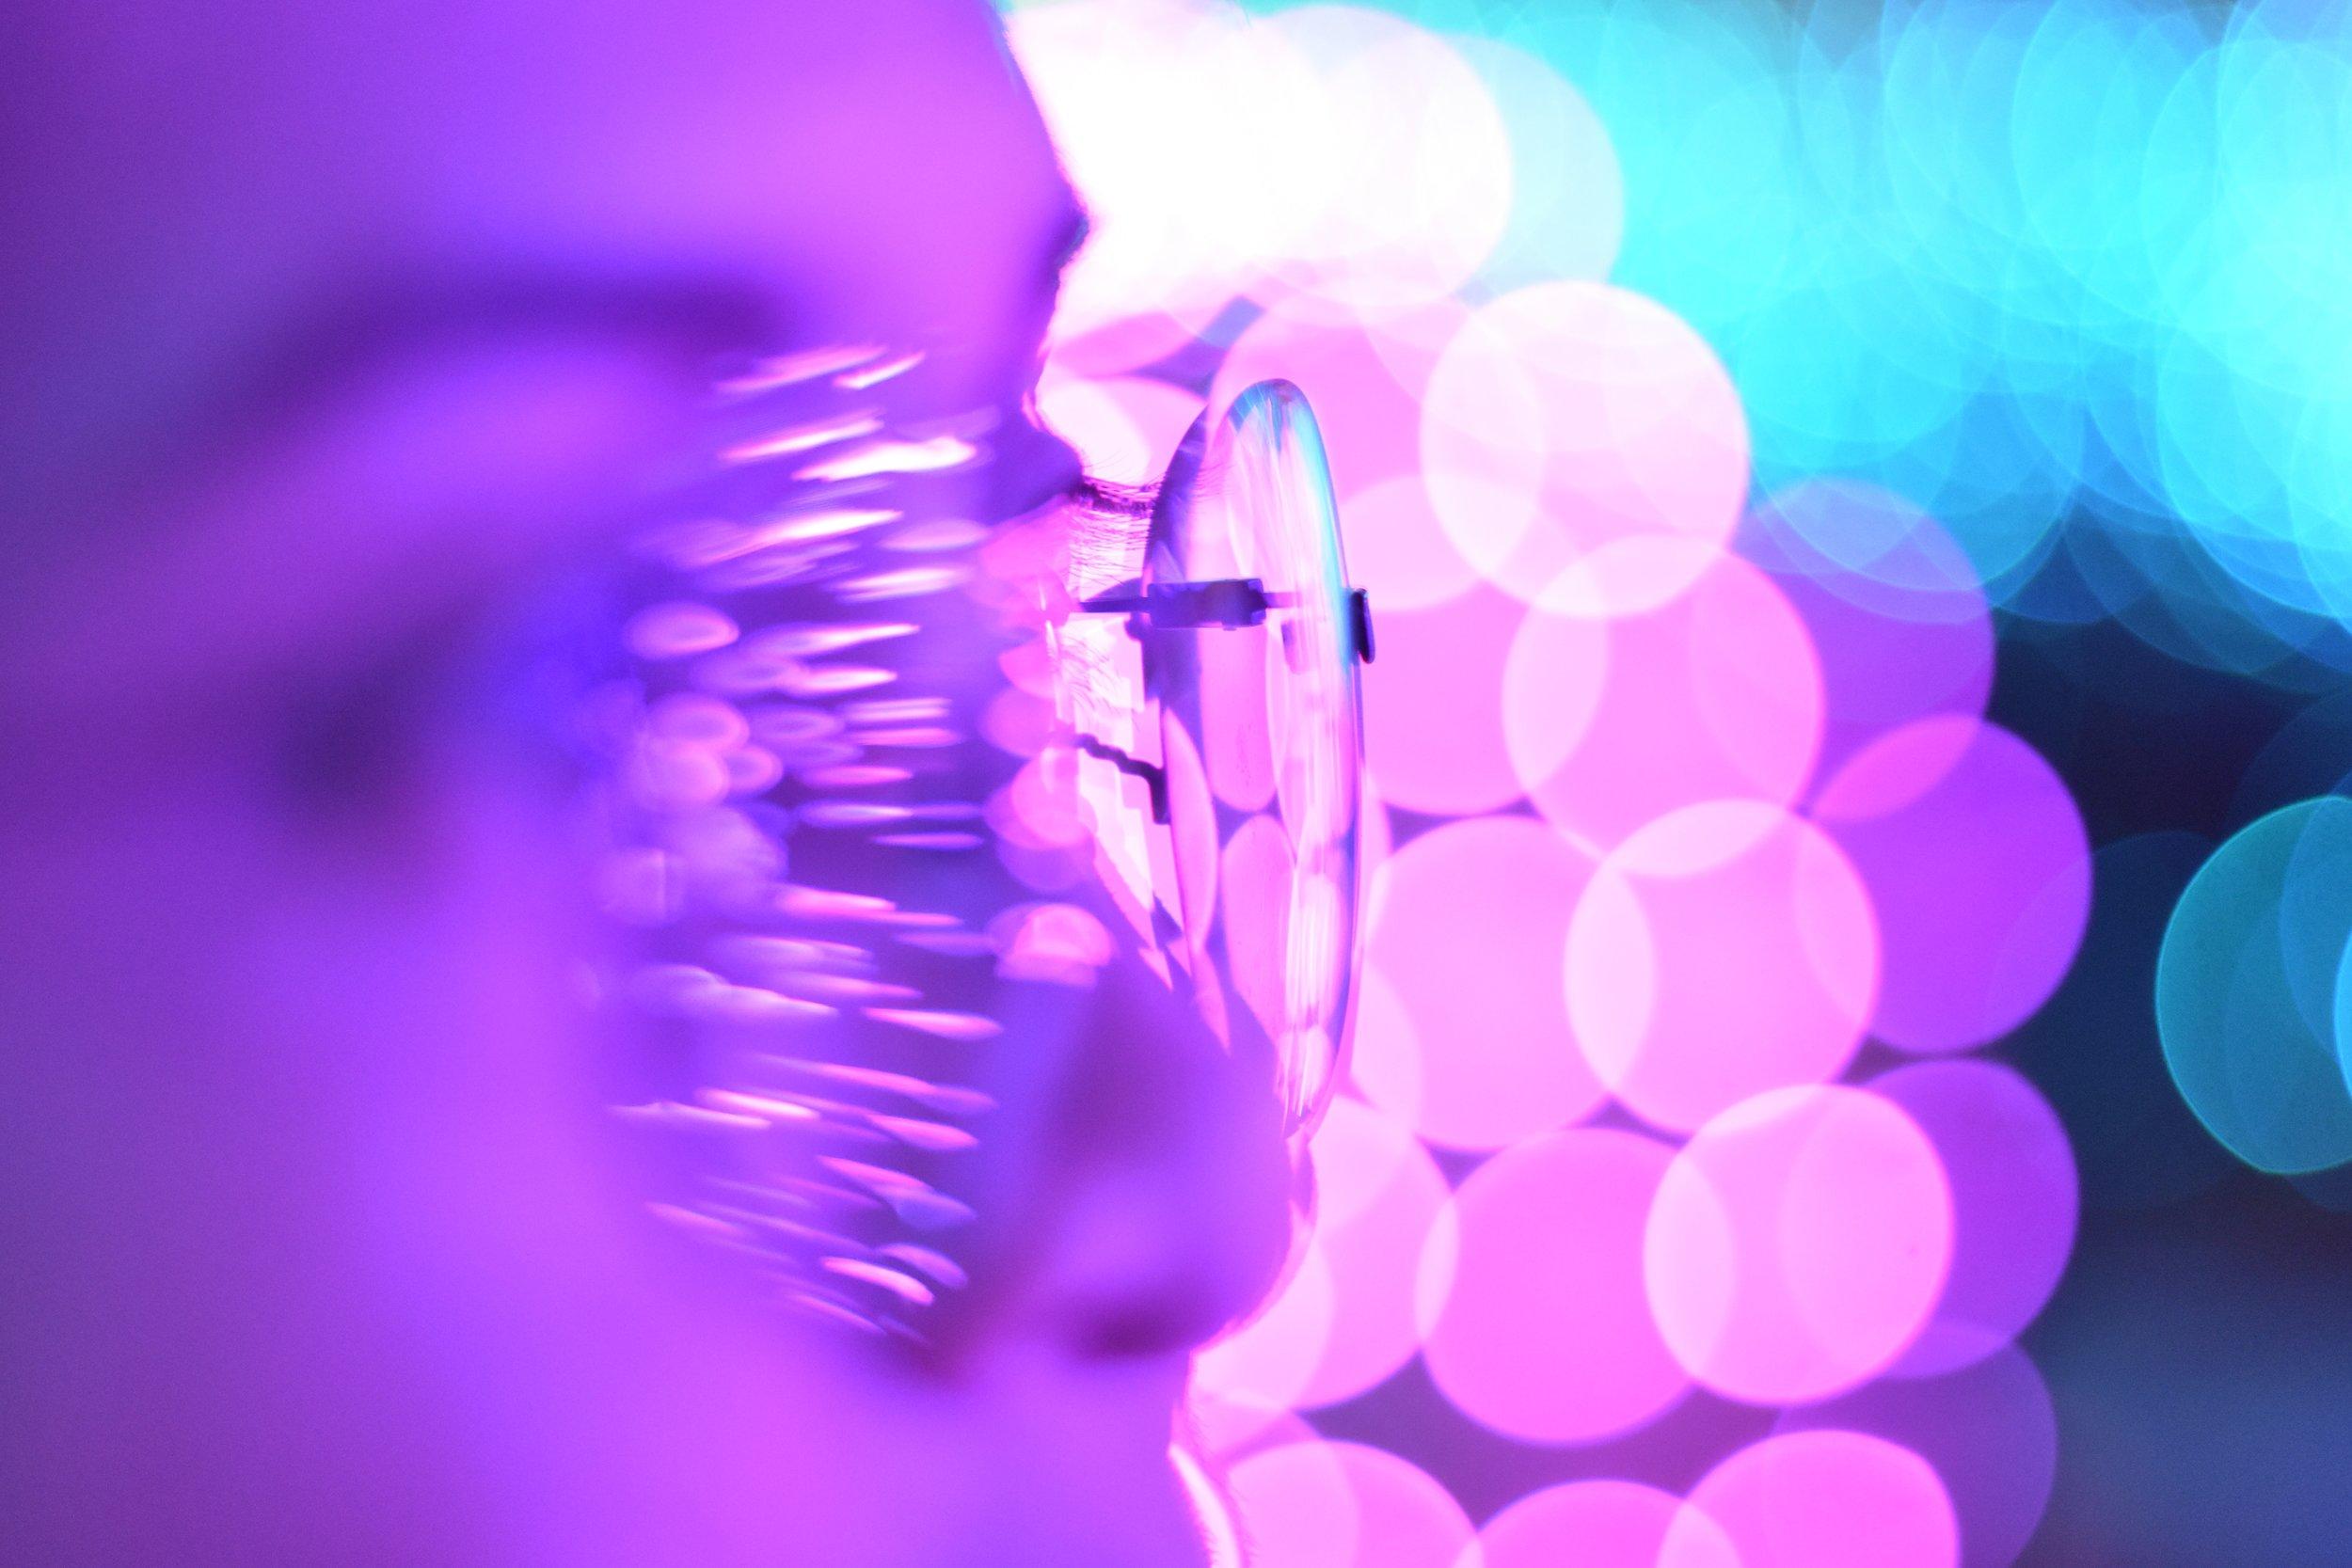 art-blur-blurry-1603891.jpg